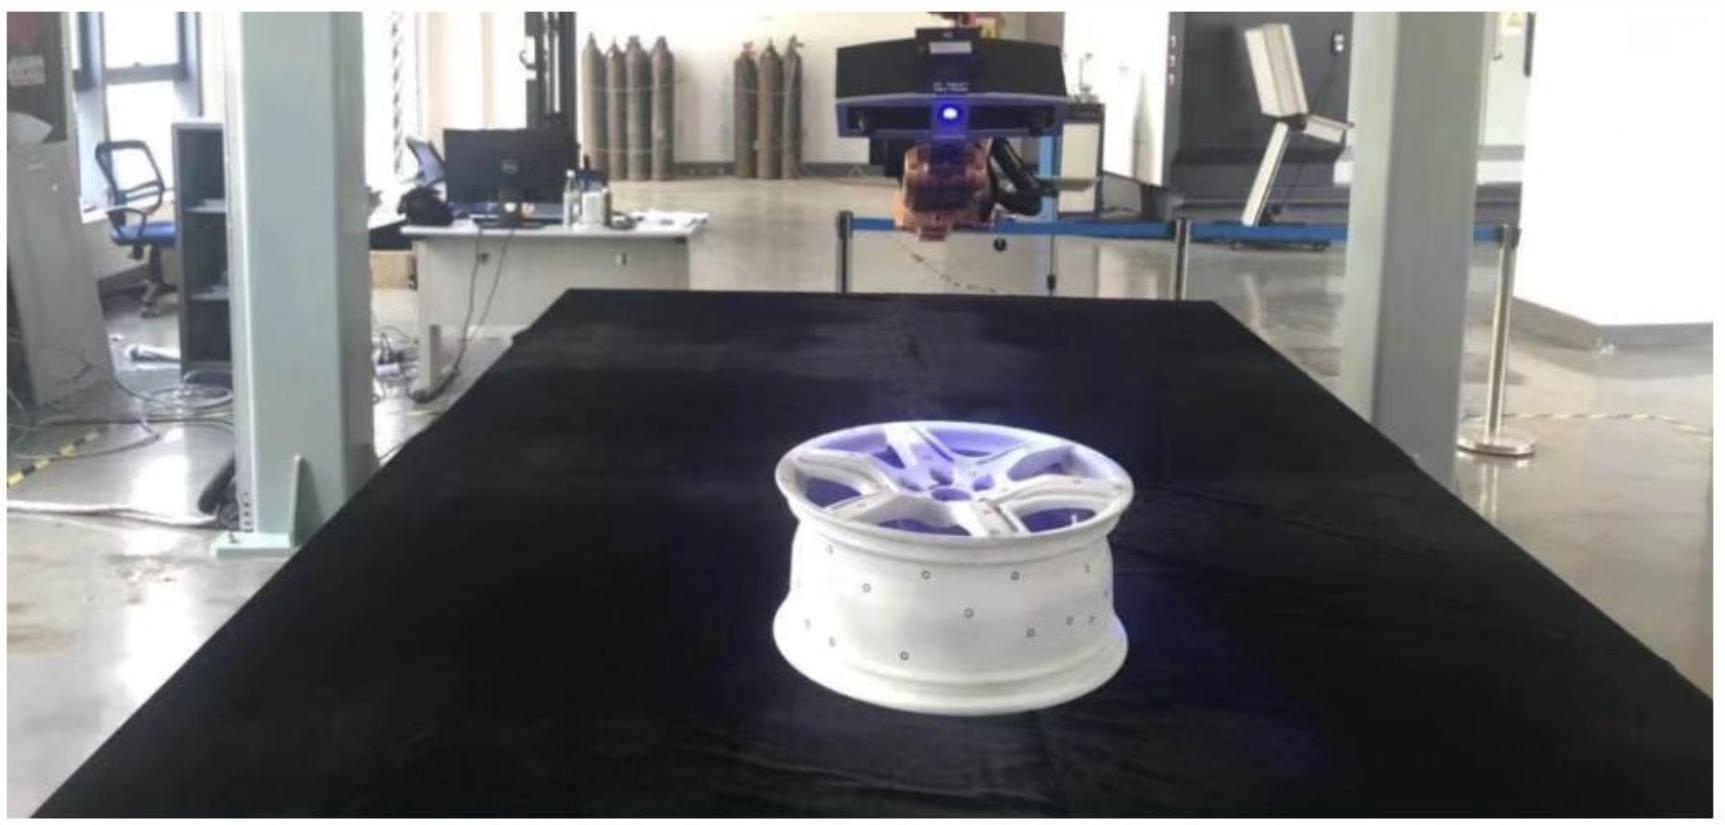 Máy quét 3D (MÁY SCAN 3D) chính xác cao đa năng cho nhiều sản phẩm LỚN - NHỎ. Đáp ứng nhu cầu sử dụng đa dạng cho công ty, doanh nghiệp, xưởng dịch vụ...